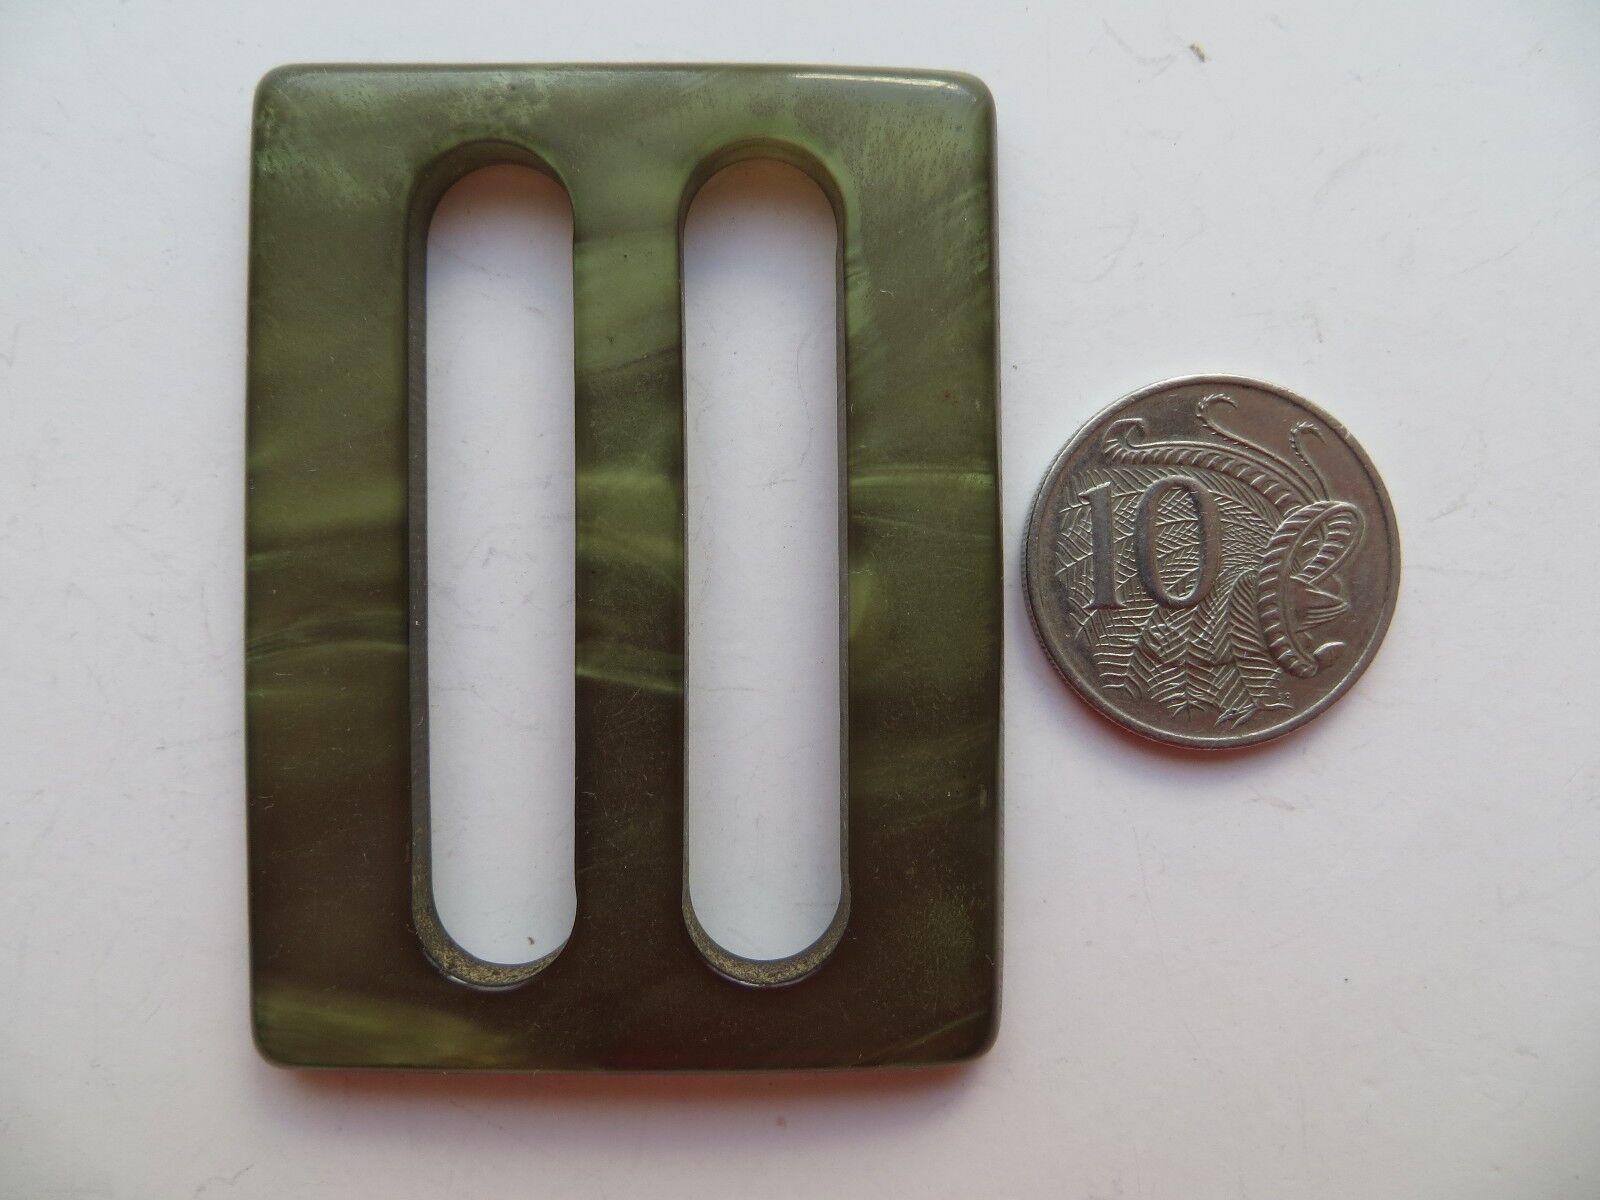 1950s Vintage Med Rectangle Moonglow Olive Green Ladies Belt Buckle-6.2 x 4.7cm